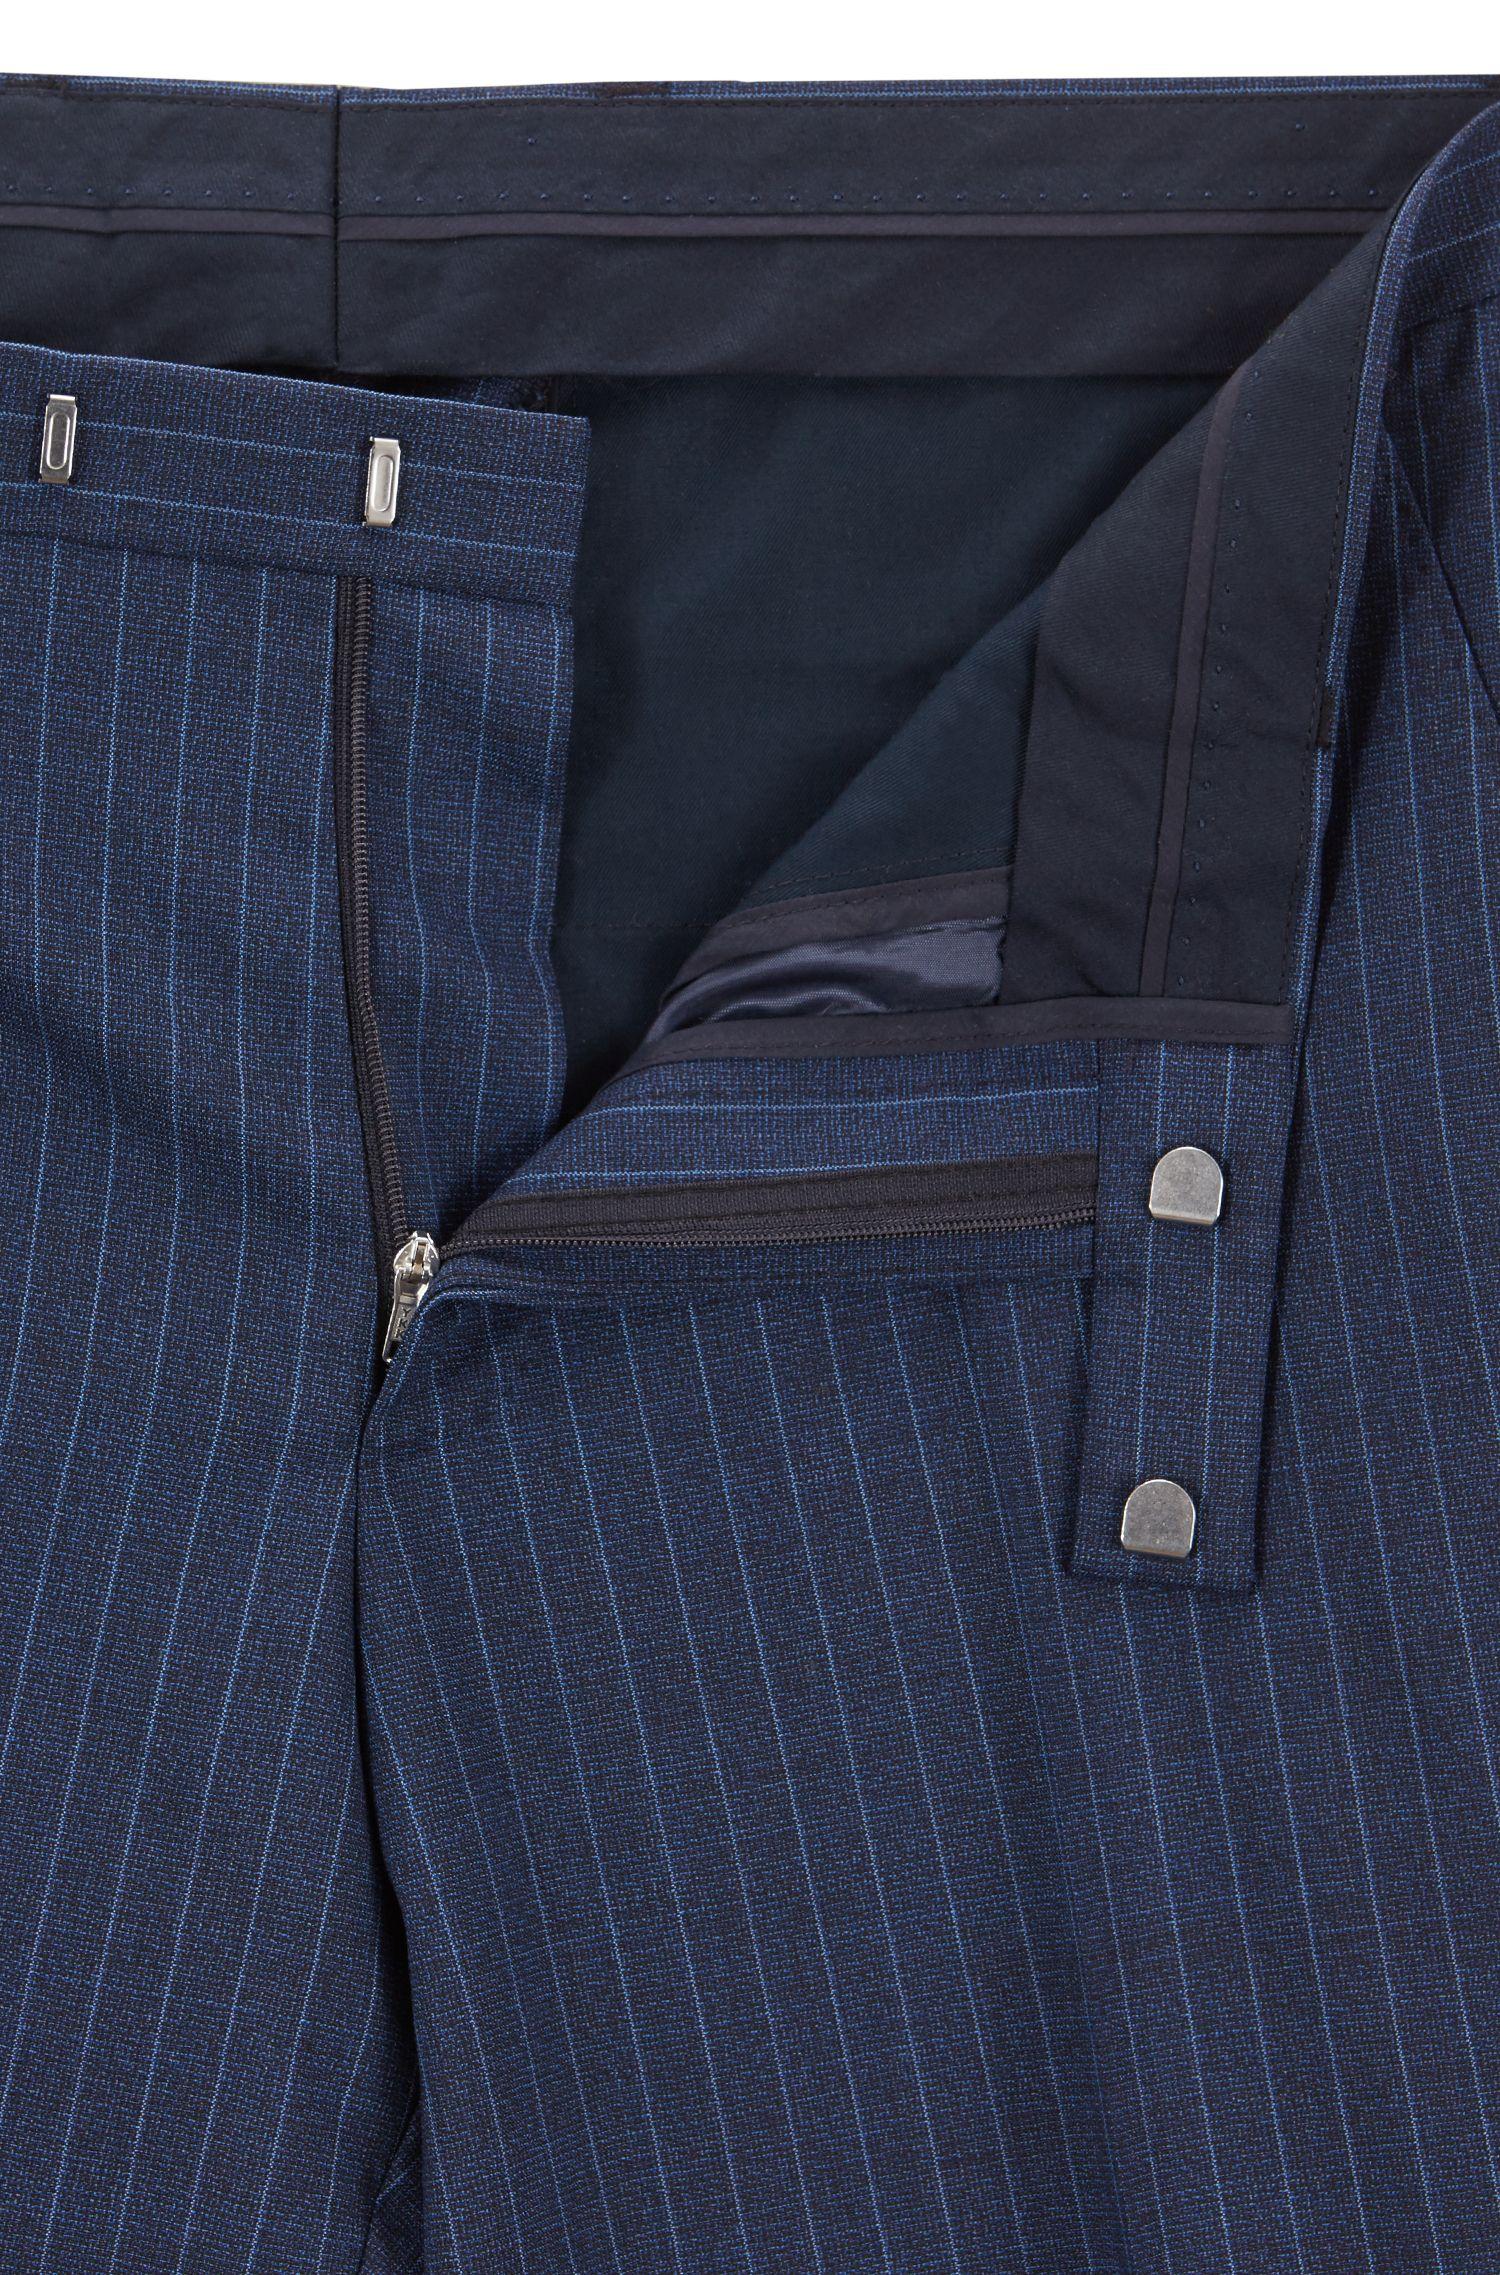 Regular-Fit Anzug aus italienischer Schurwolle mit Nadelstreifen